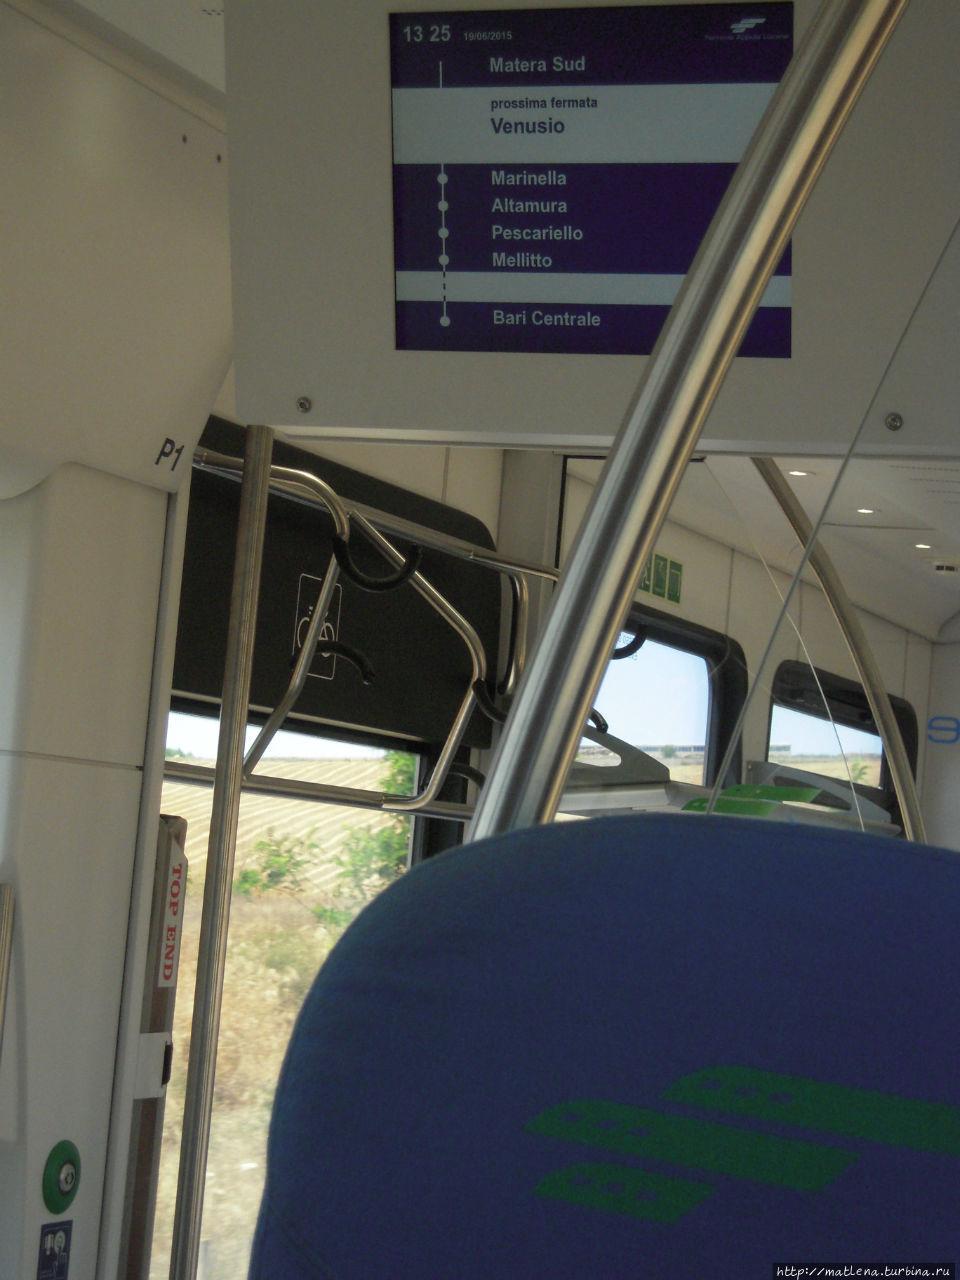 Электронное табло в вагоне, с указанием станций